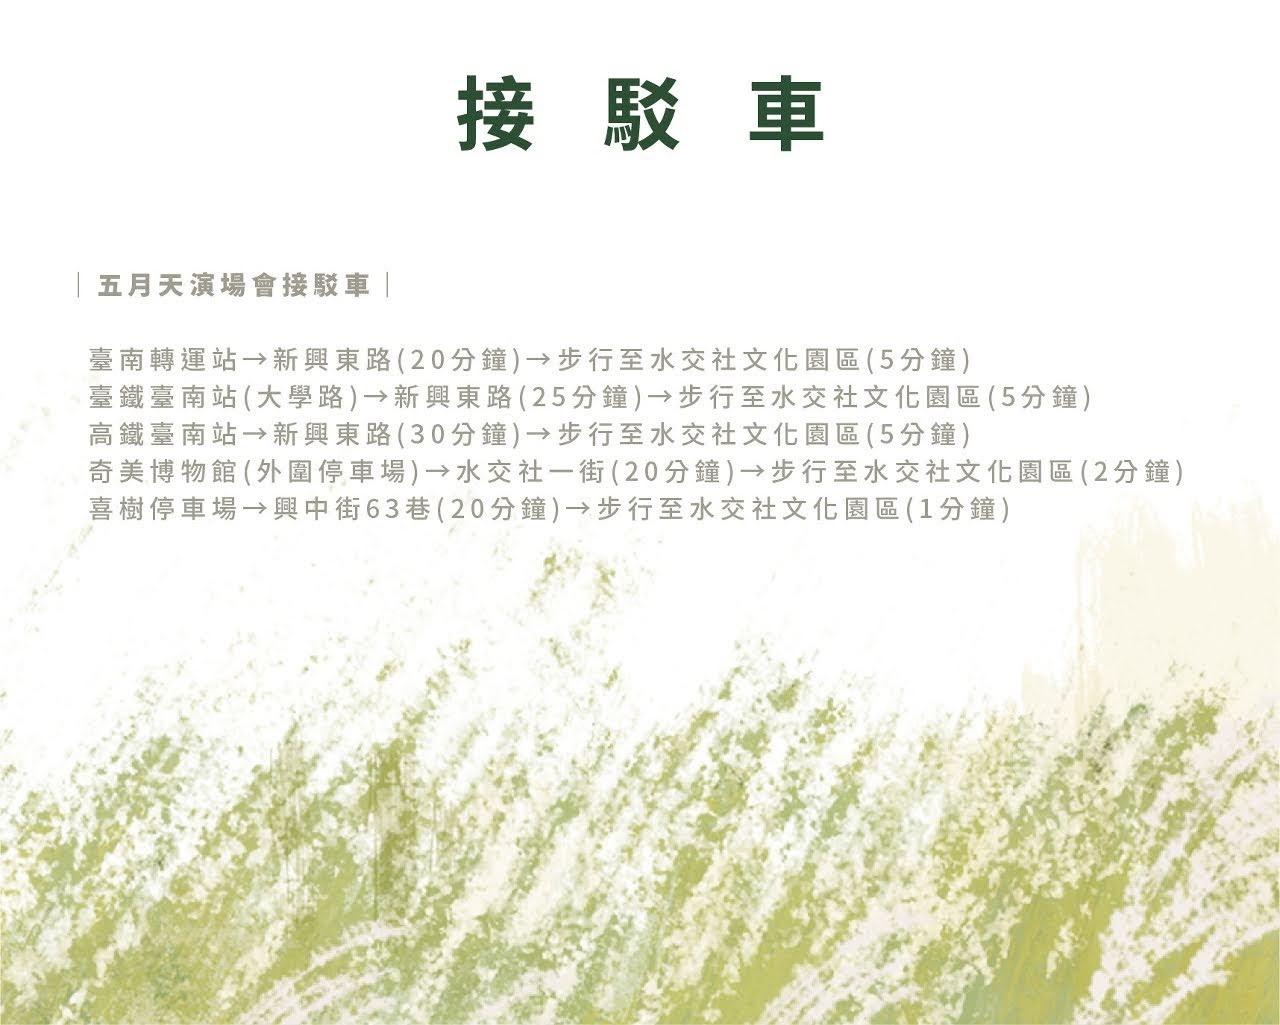 水交社 ‧ 森ノ市  在林木蔥鬱與日式建築中感受微風徐徐的閒適愜意 活動